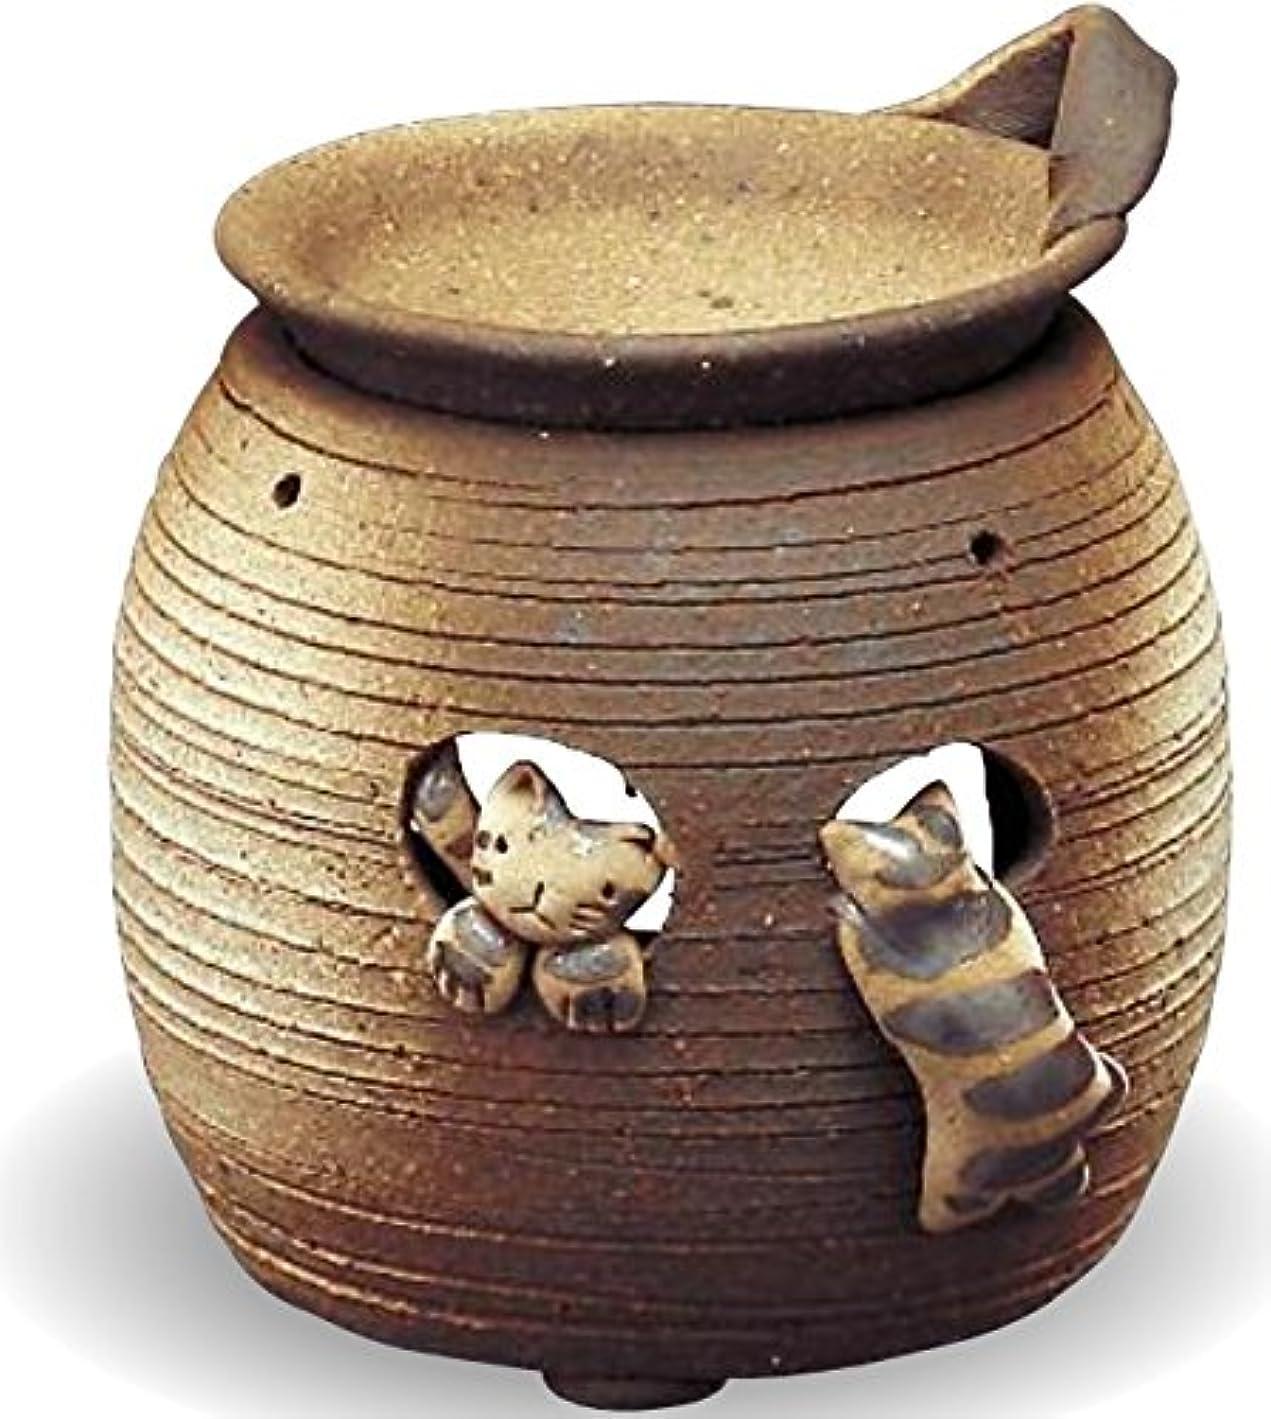 大臣ストレスの多い構造的常滑焼 茶香炉(アロマポット)猫 径11×高さ12cm